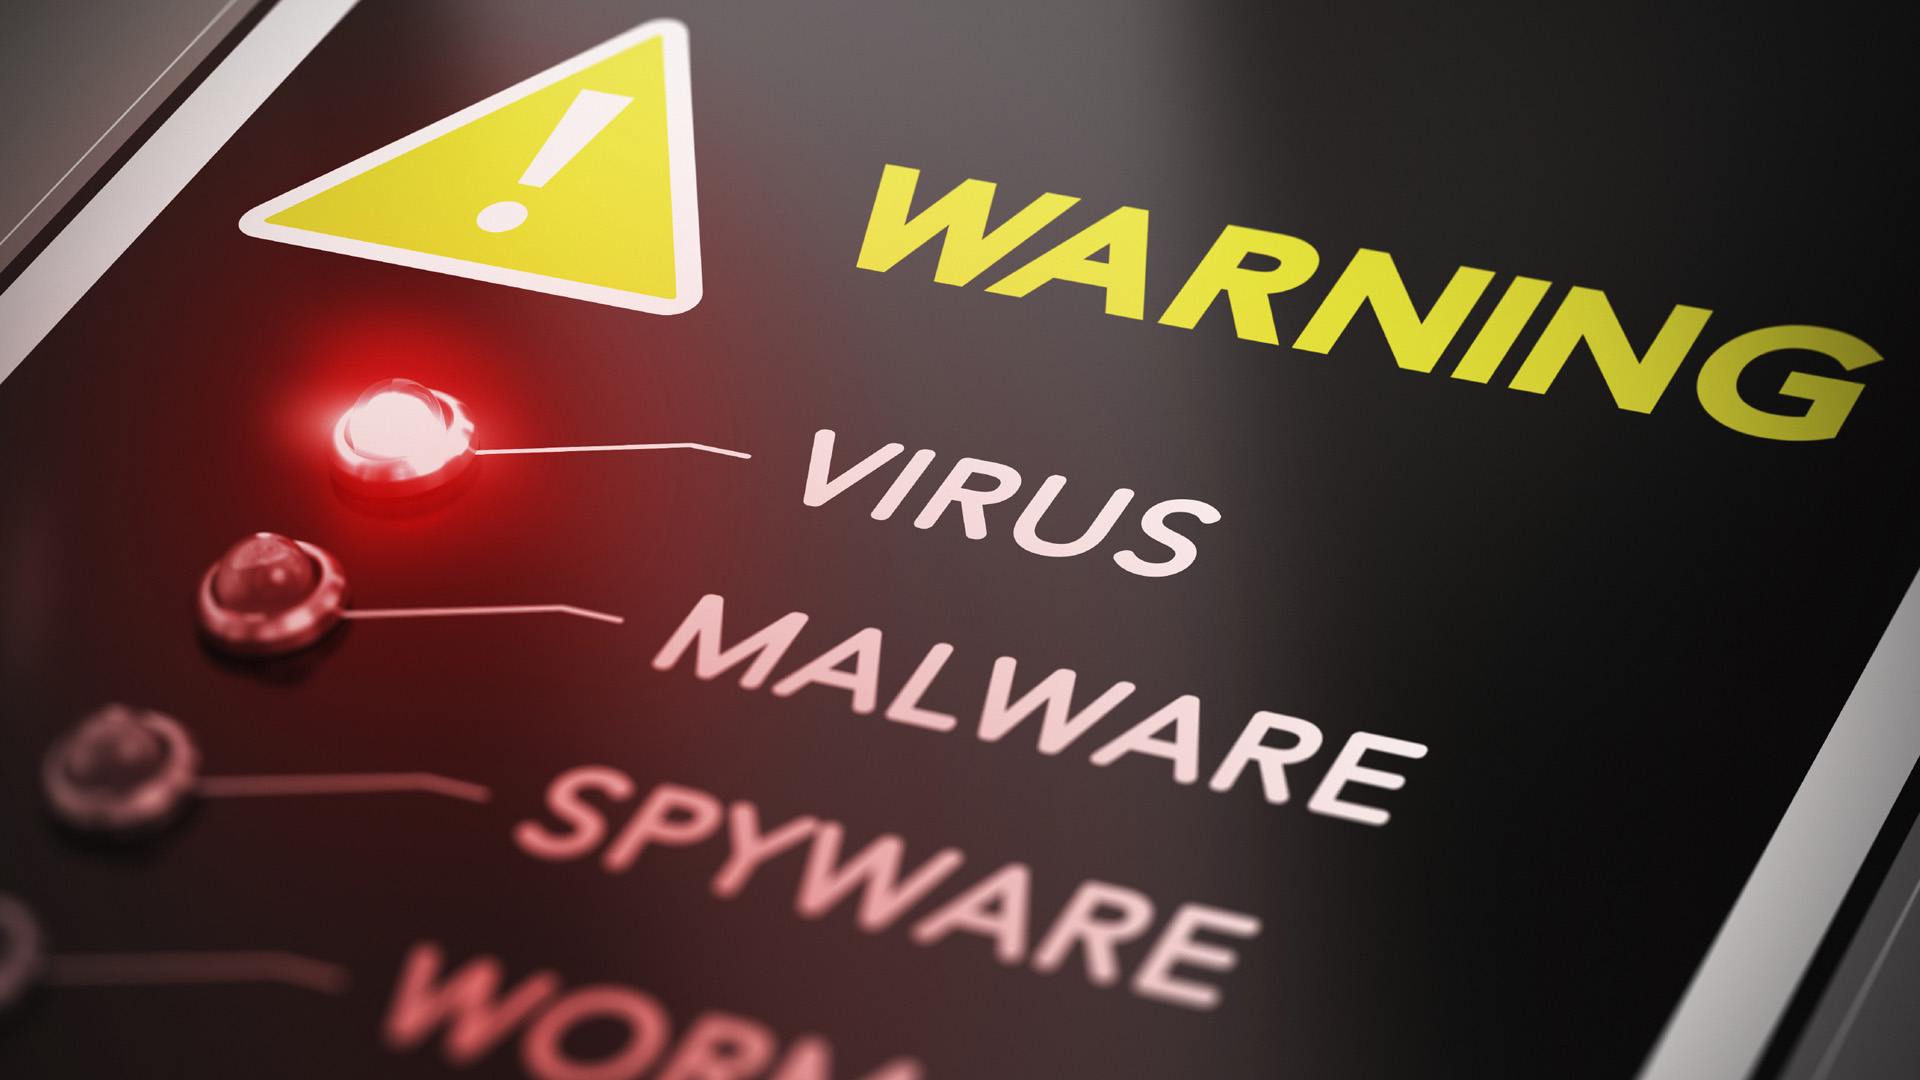 En 2016 los crímenes tecnológicos crecerán en la región por falta de invesión en programas y sistemas de prevención